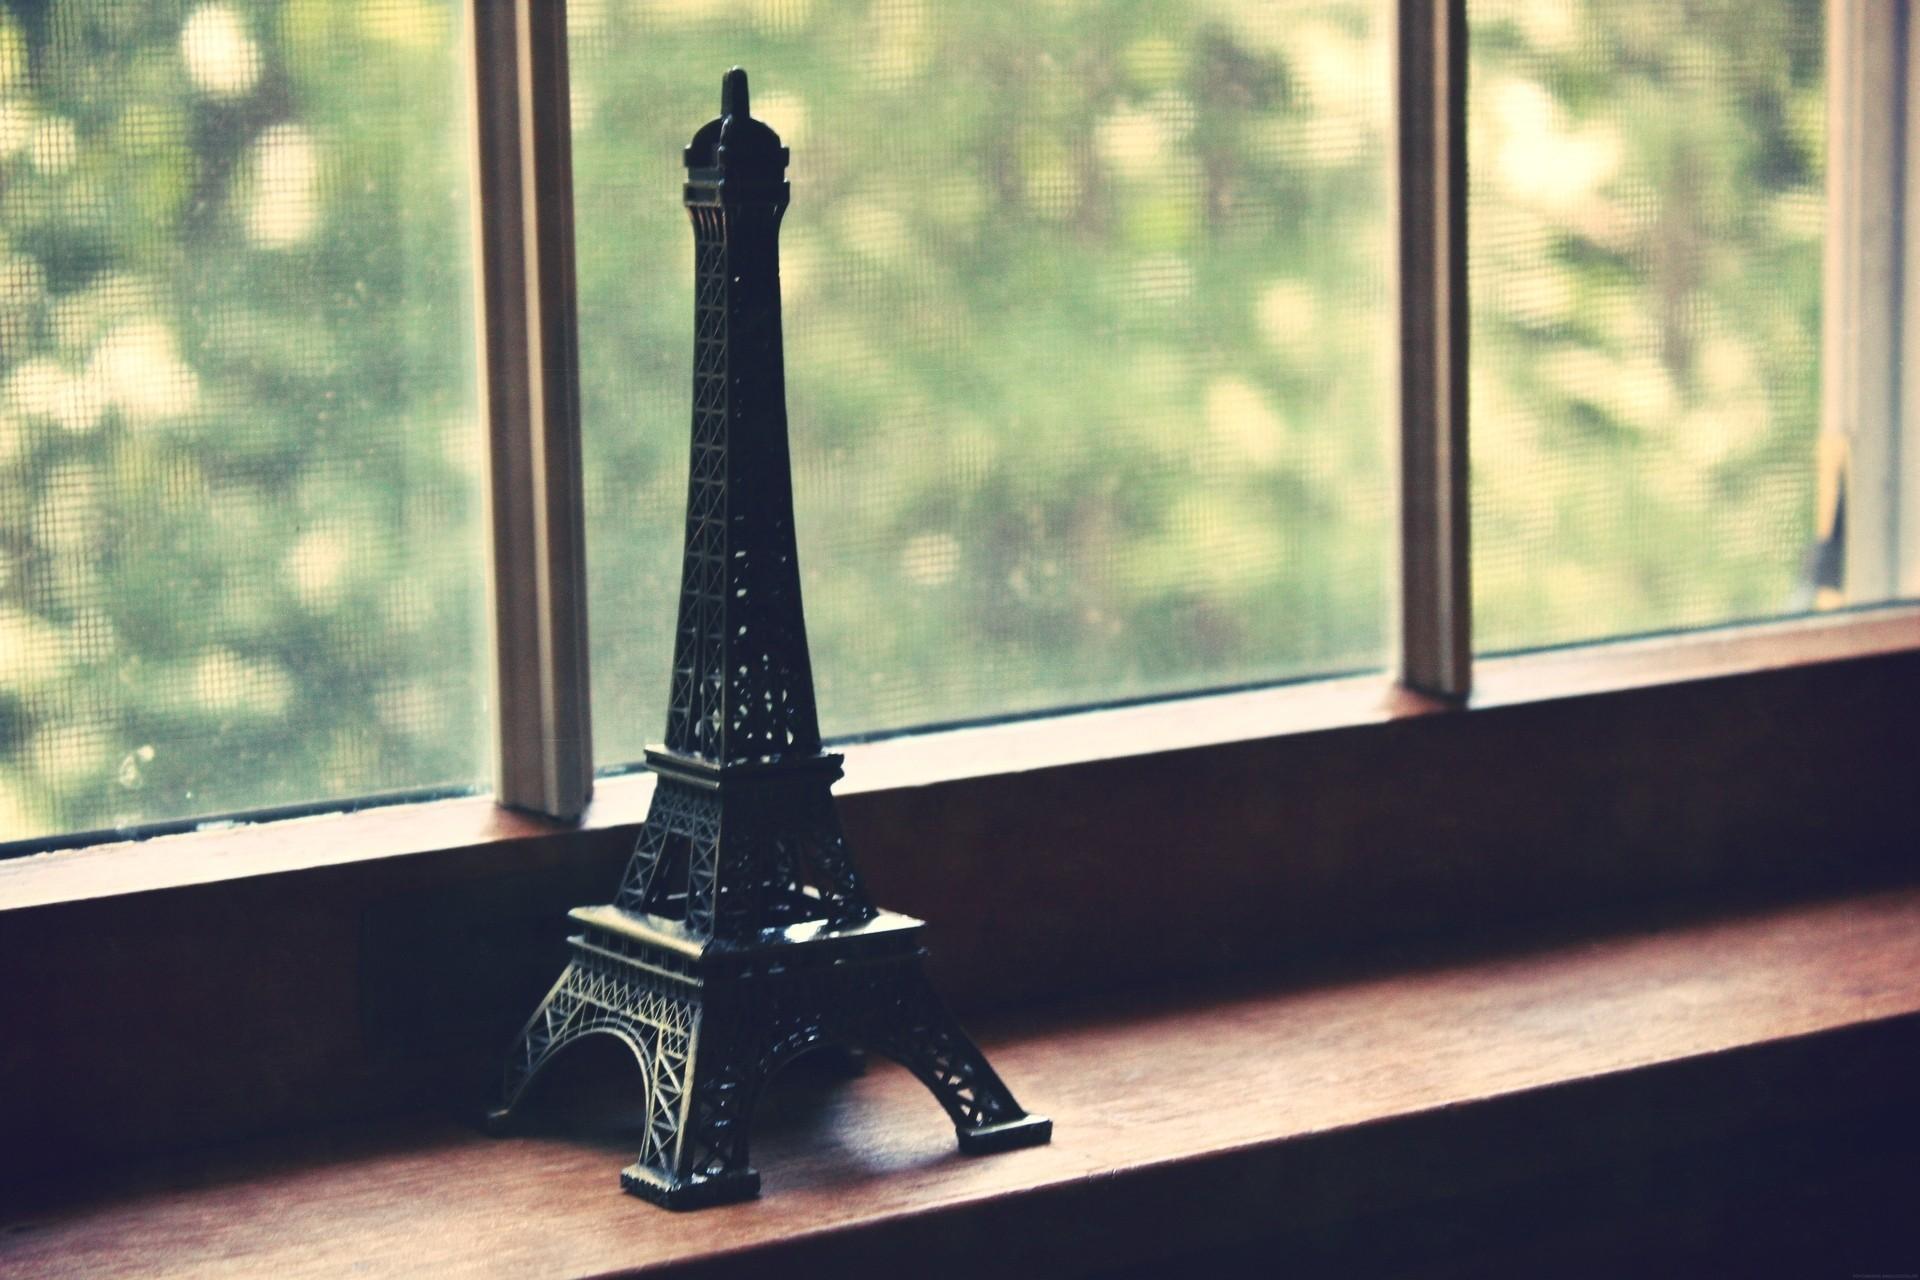 117878 télécharger le fond d'écran Divers, Statuette, La Fenêtre, Fenêtre, Grille, Tour Eiffel - économiseurs d'écran et images gratuitement